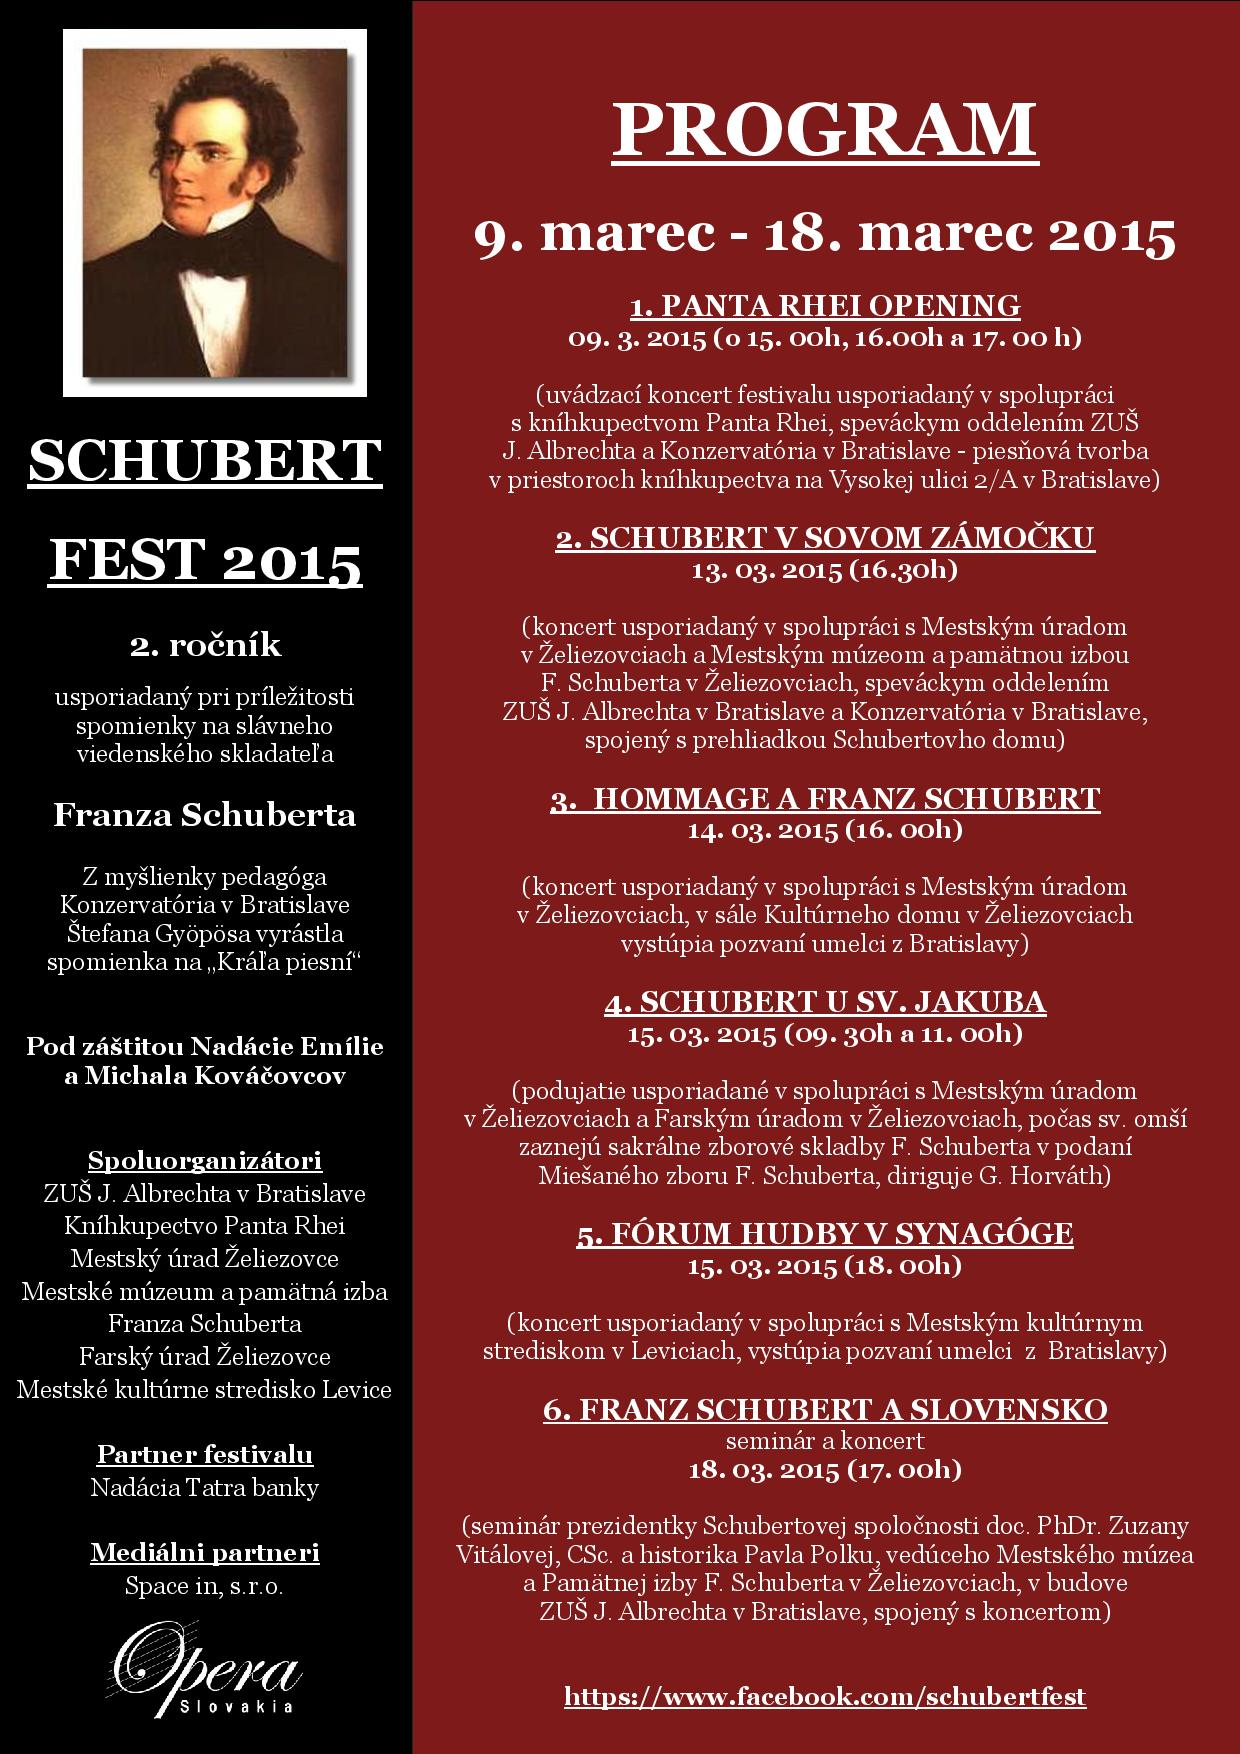 Schubert Fest 2015, plagát